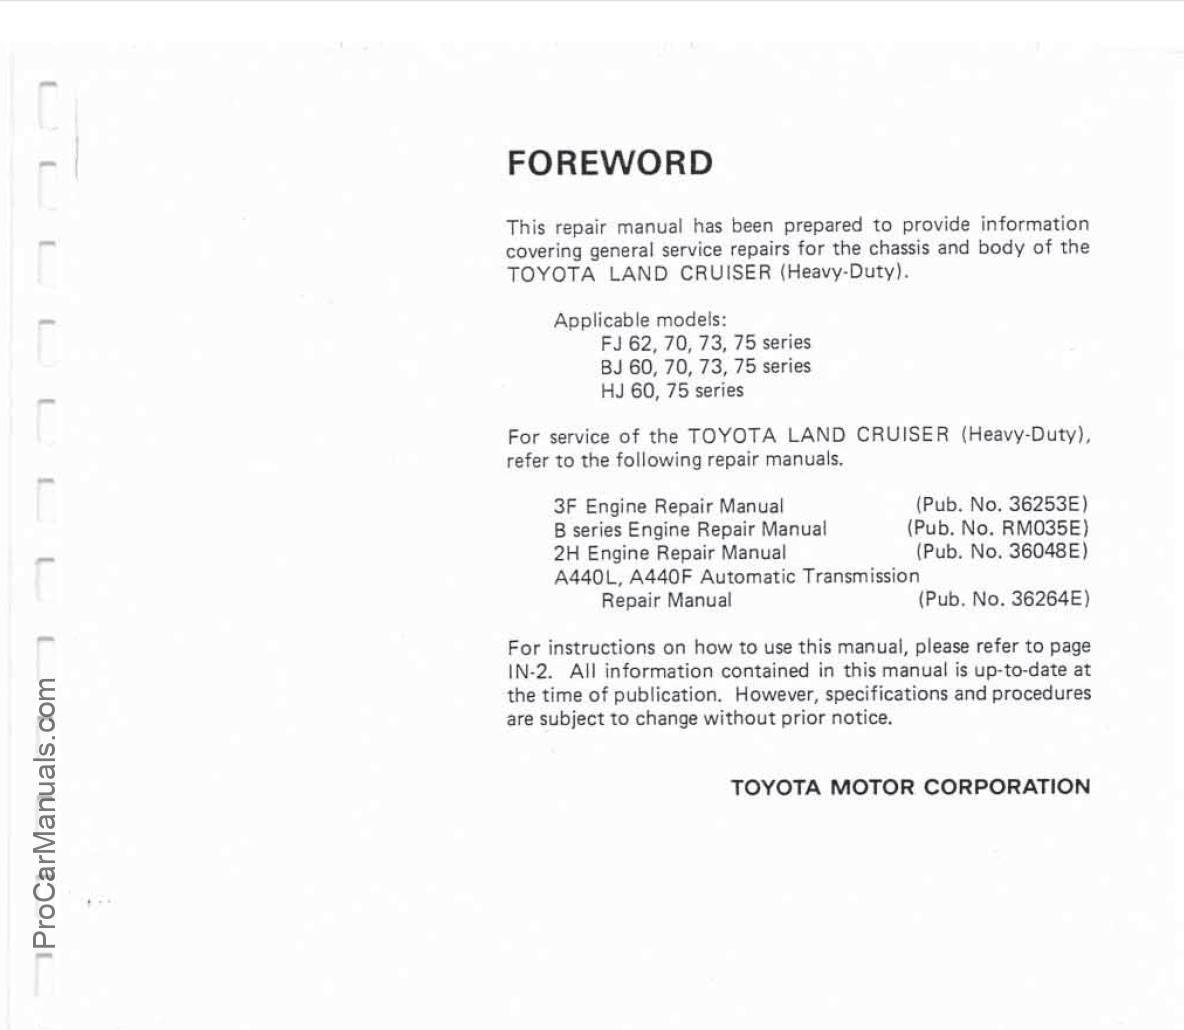 hight resolution of toyota land cruiser fj62 fj70 fj73 fj75 bj hj60 repair manual pdf free online